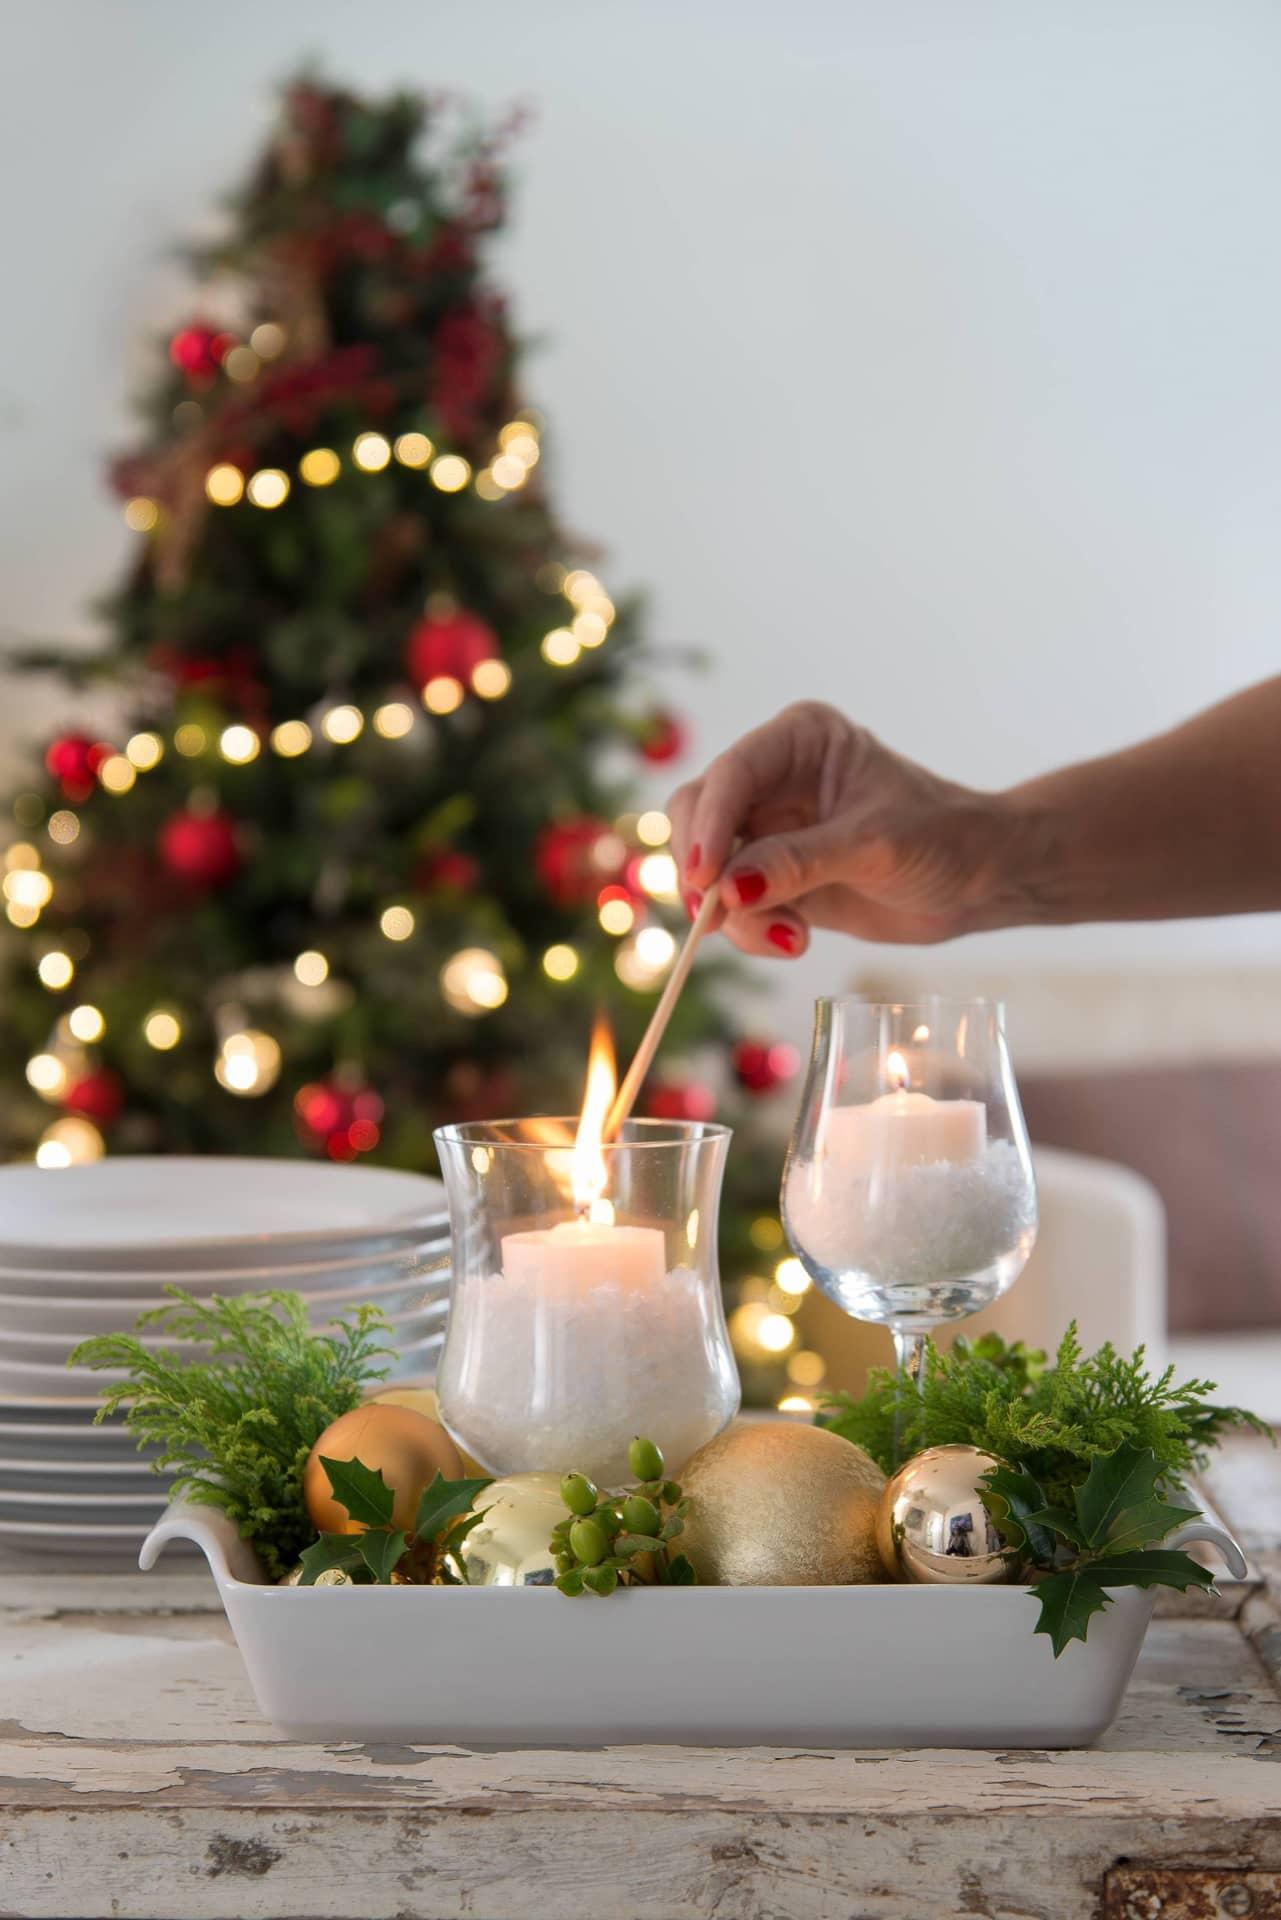 Imagem: Para completar o centro de mesa, use uma travessa refratária como bandeja. Coloque bolas de Natal em vários tons de dourado, brilhantes e foscas. Os copos viram castiçais com velas apoiadas em neve artificial da @emporiodasfloresoficial.Foto: Cacá Bratke.